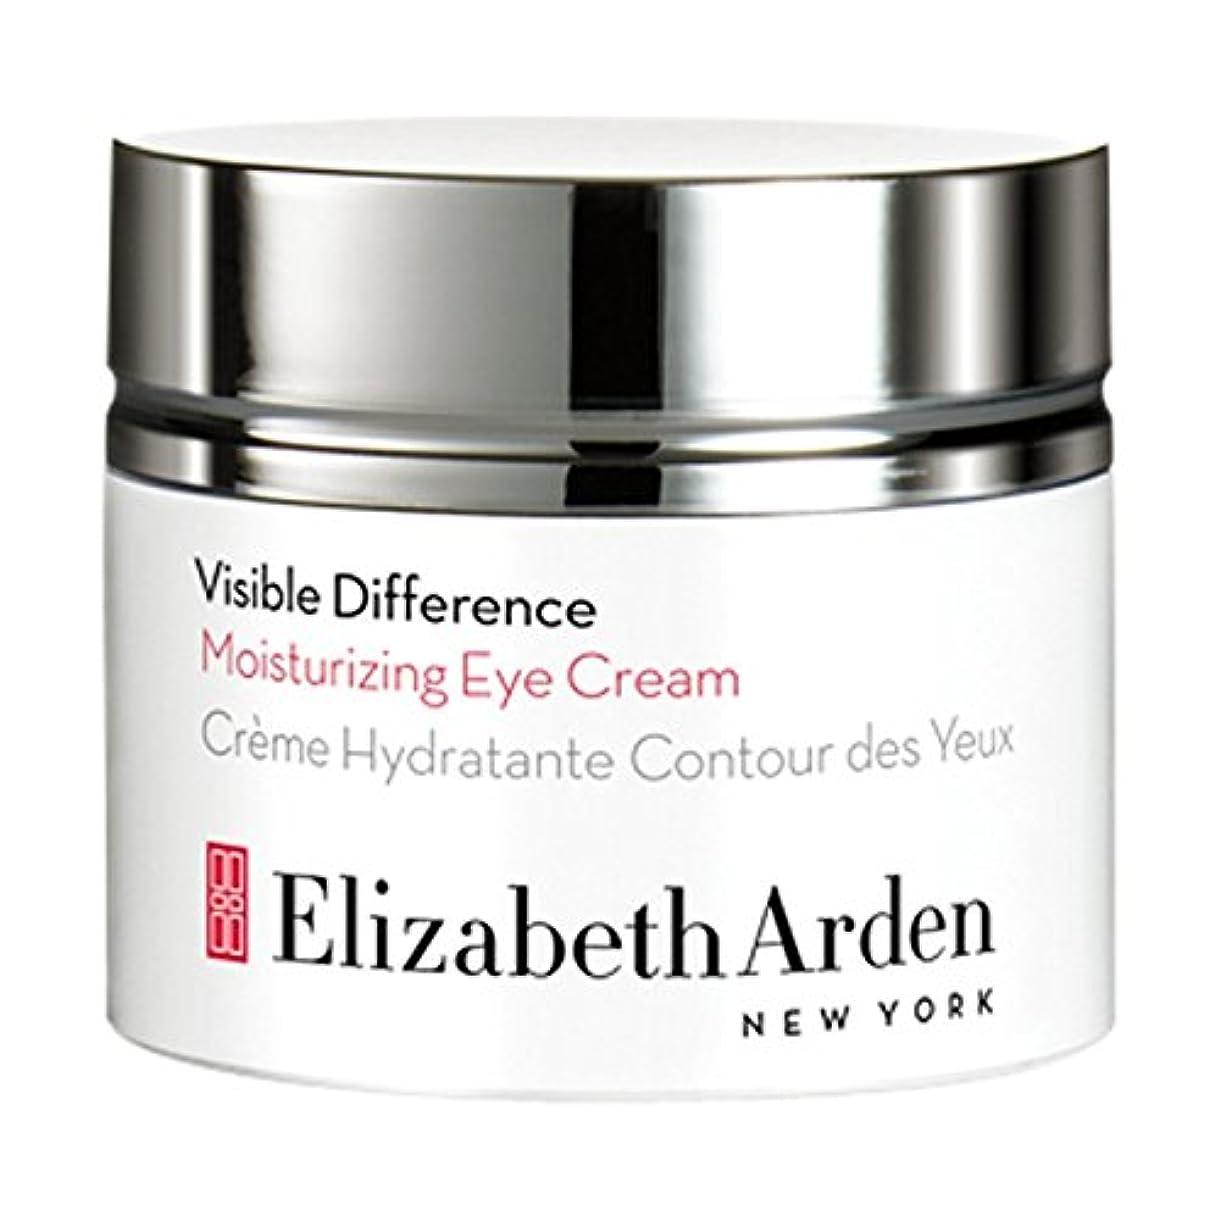 急襲手順肺炎エリザベスは、目に見える差保湿アイクリーム15ミリリットルをアーデン x2 - Elizabeth Arden Visible Difference Moisturizing Eye Cream 15ml (Pack of 2) [並行輸入品]